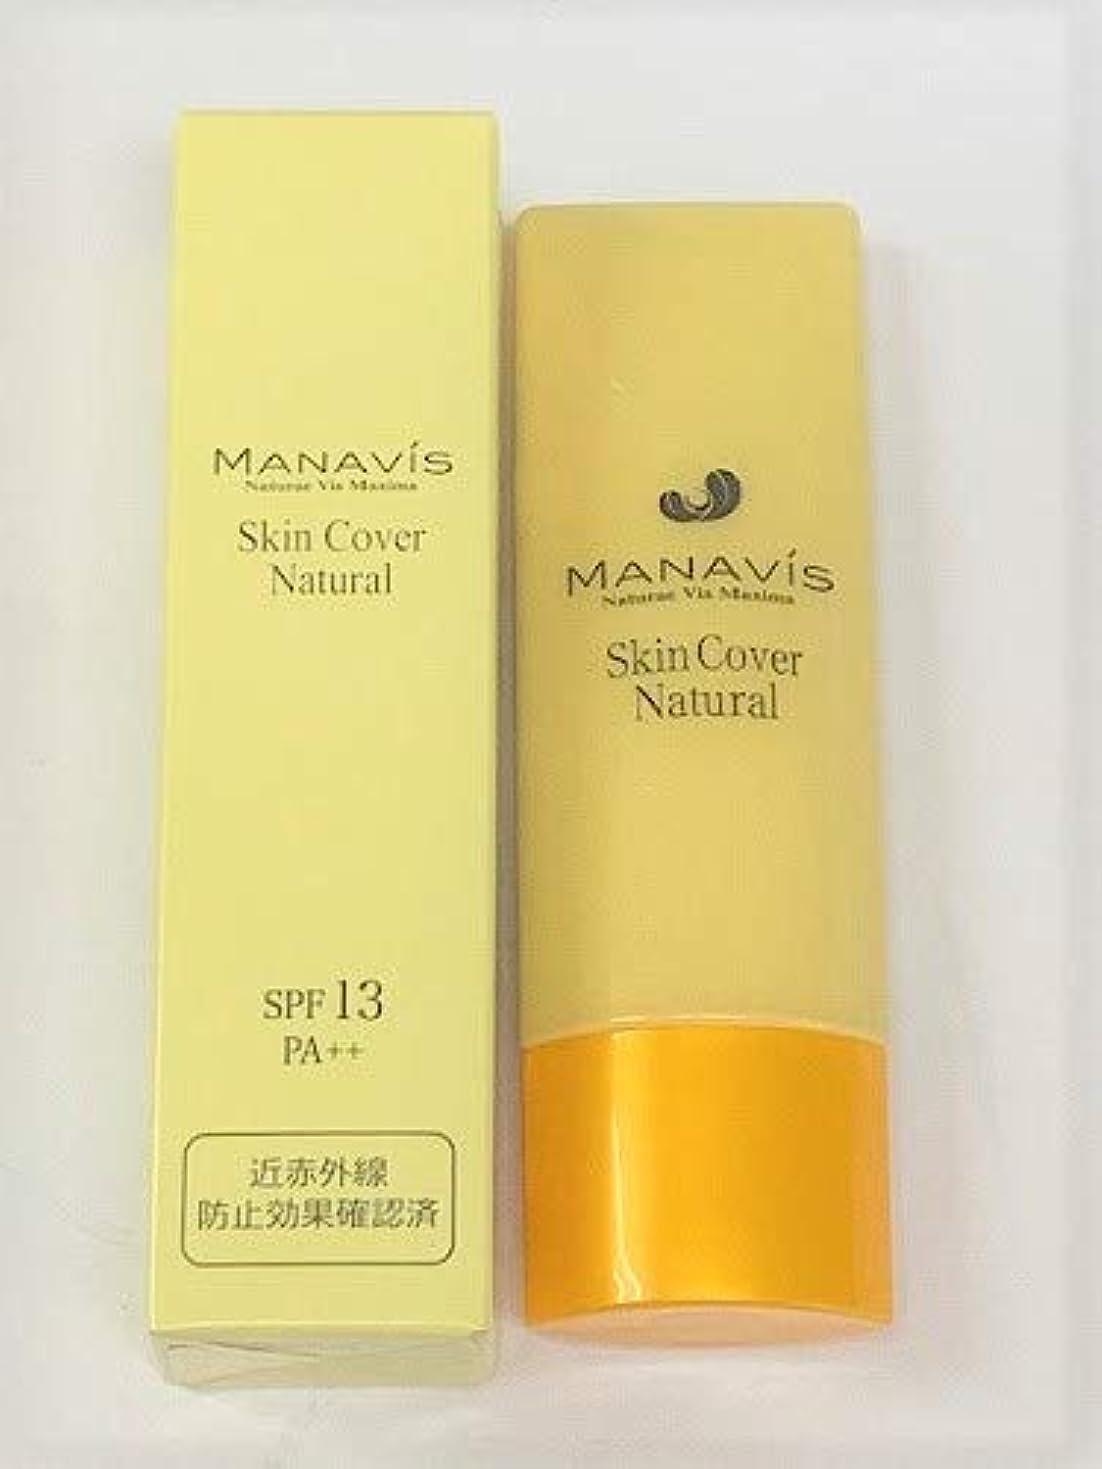 エンドウ幸運先生MANAVIS マナビス化粧品 スキンカバー ナチュラル (日中用化粧液) SPF13 PA++ 30g 172